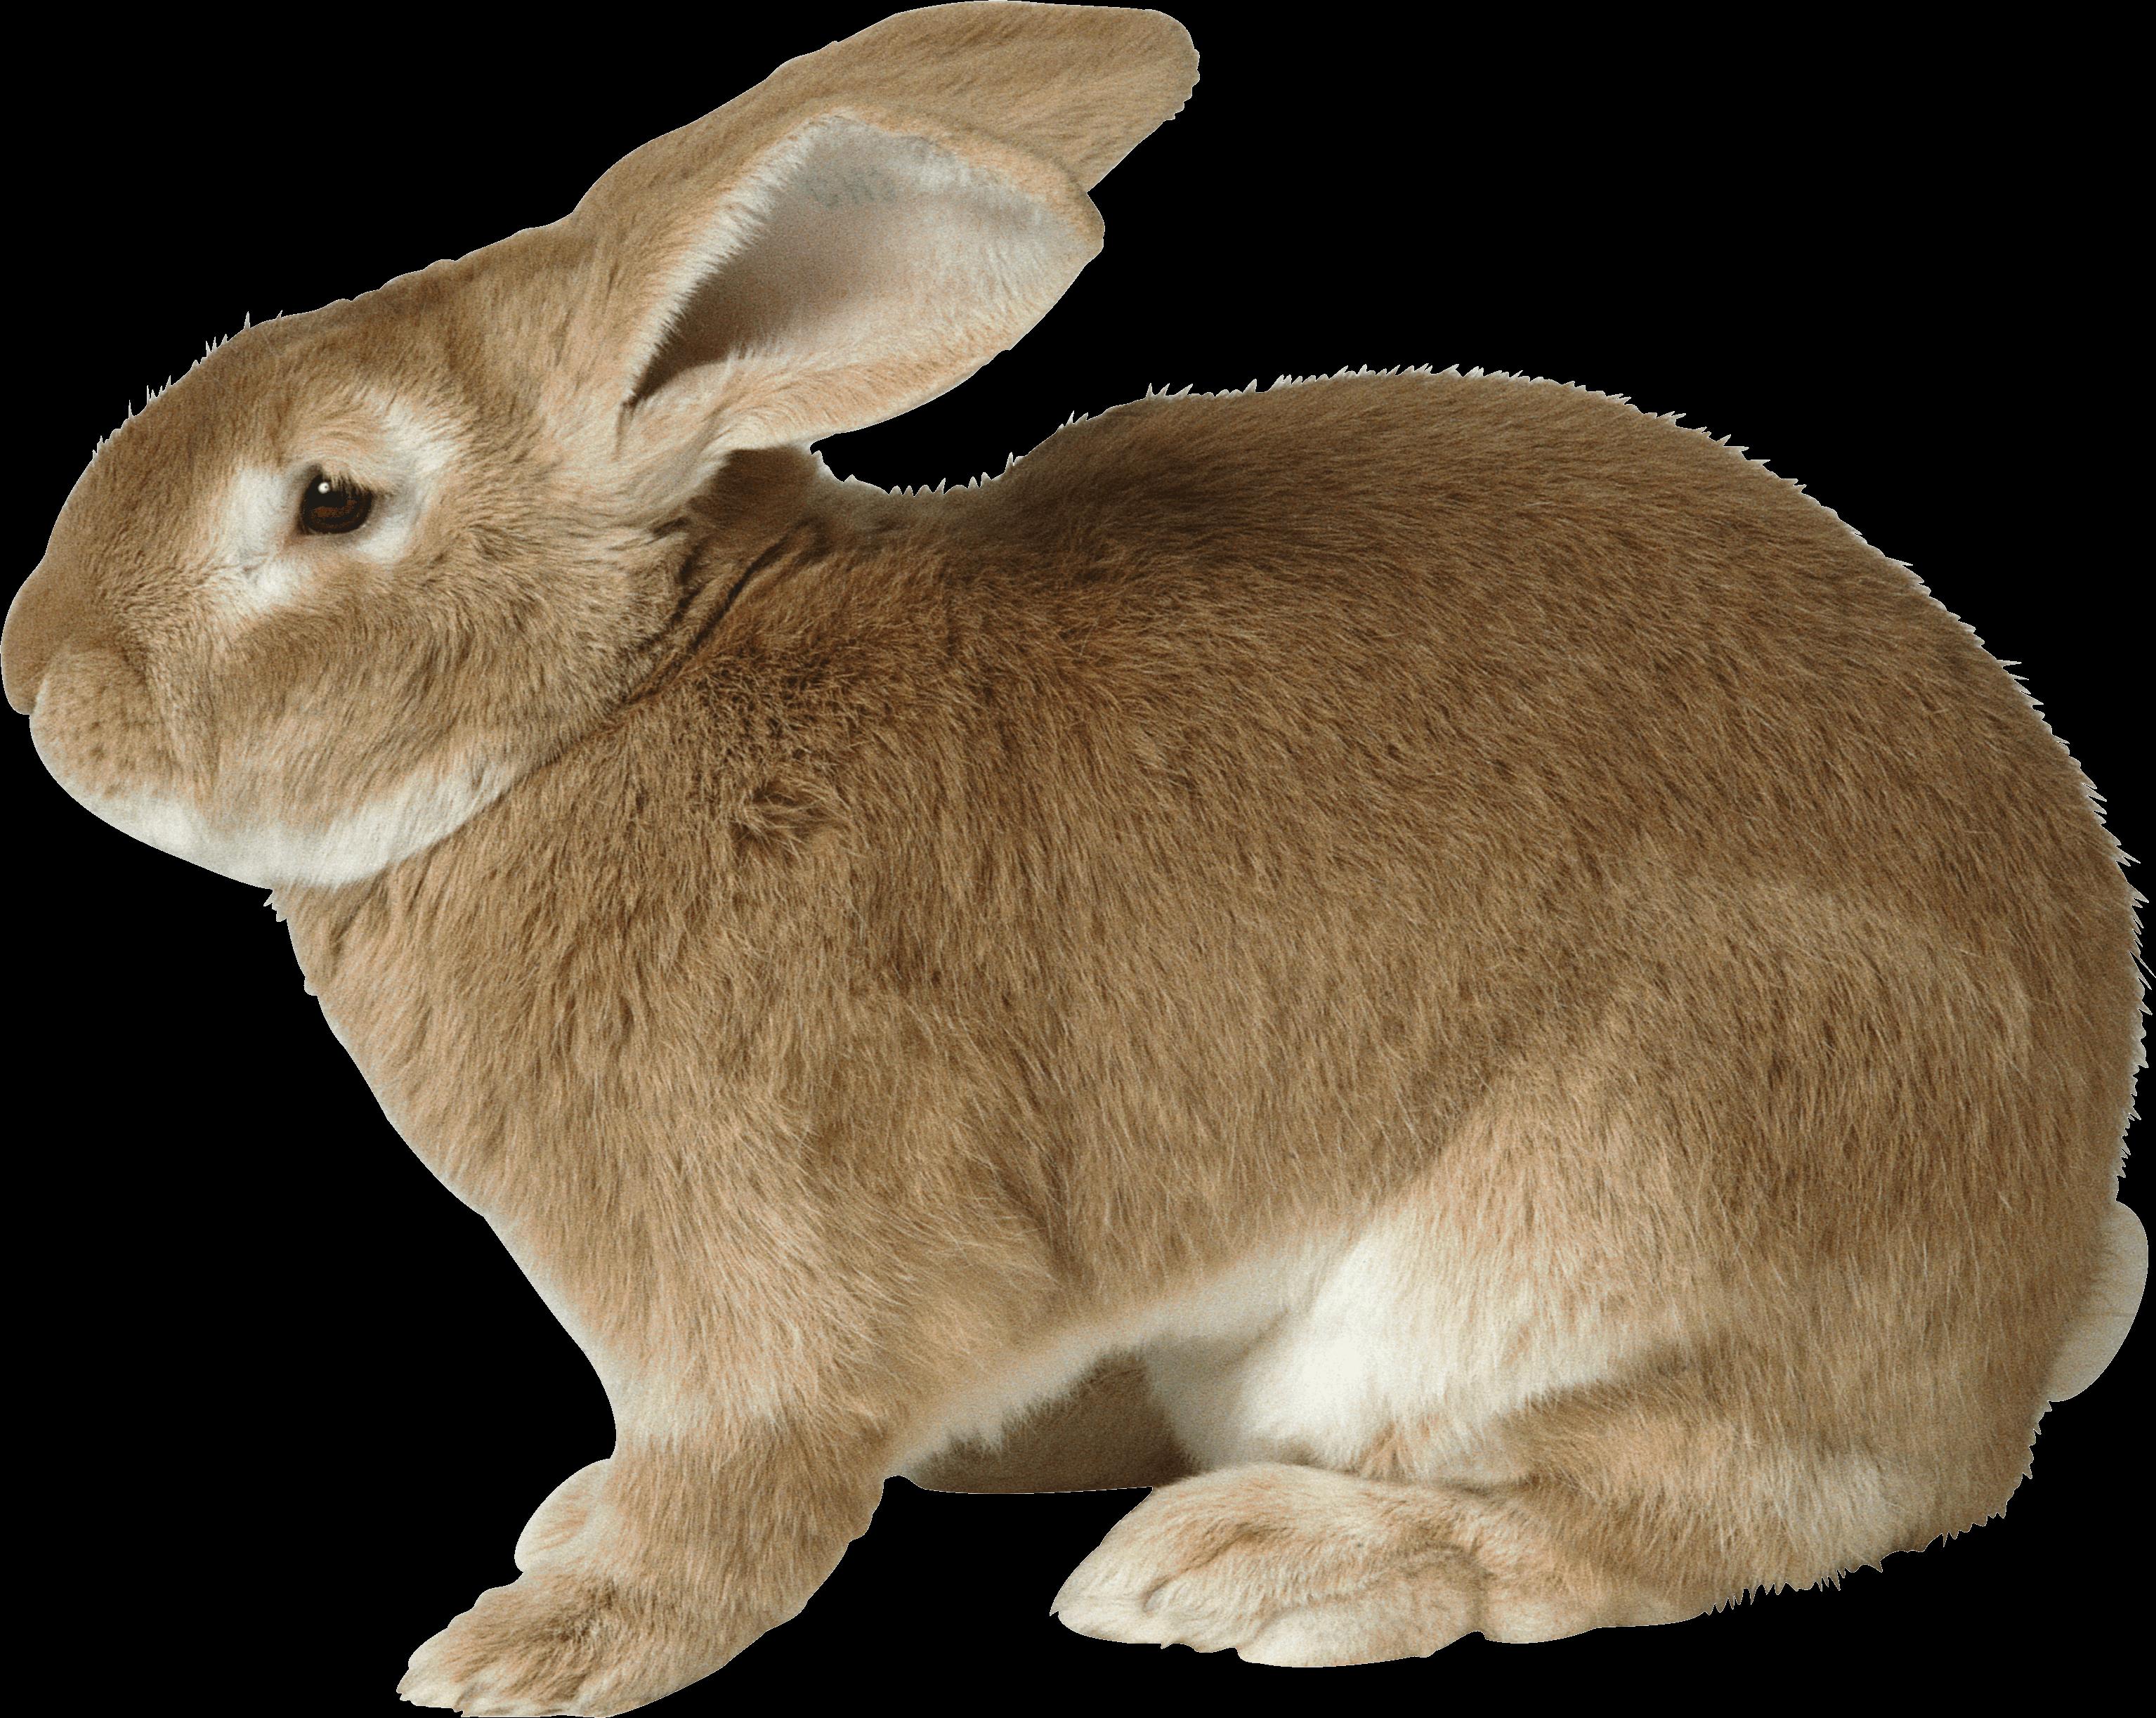 фемидой близки, картинки детям кролик это одна разновидностей